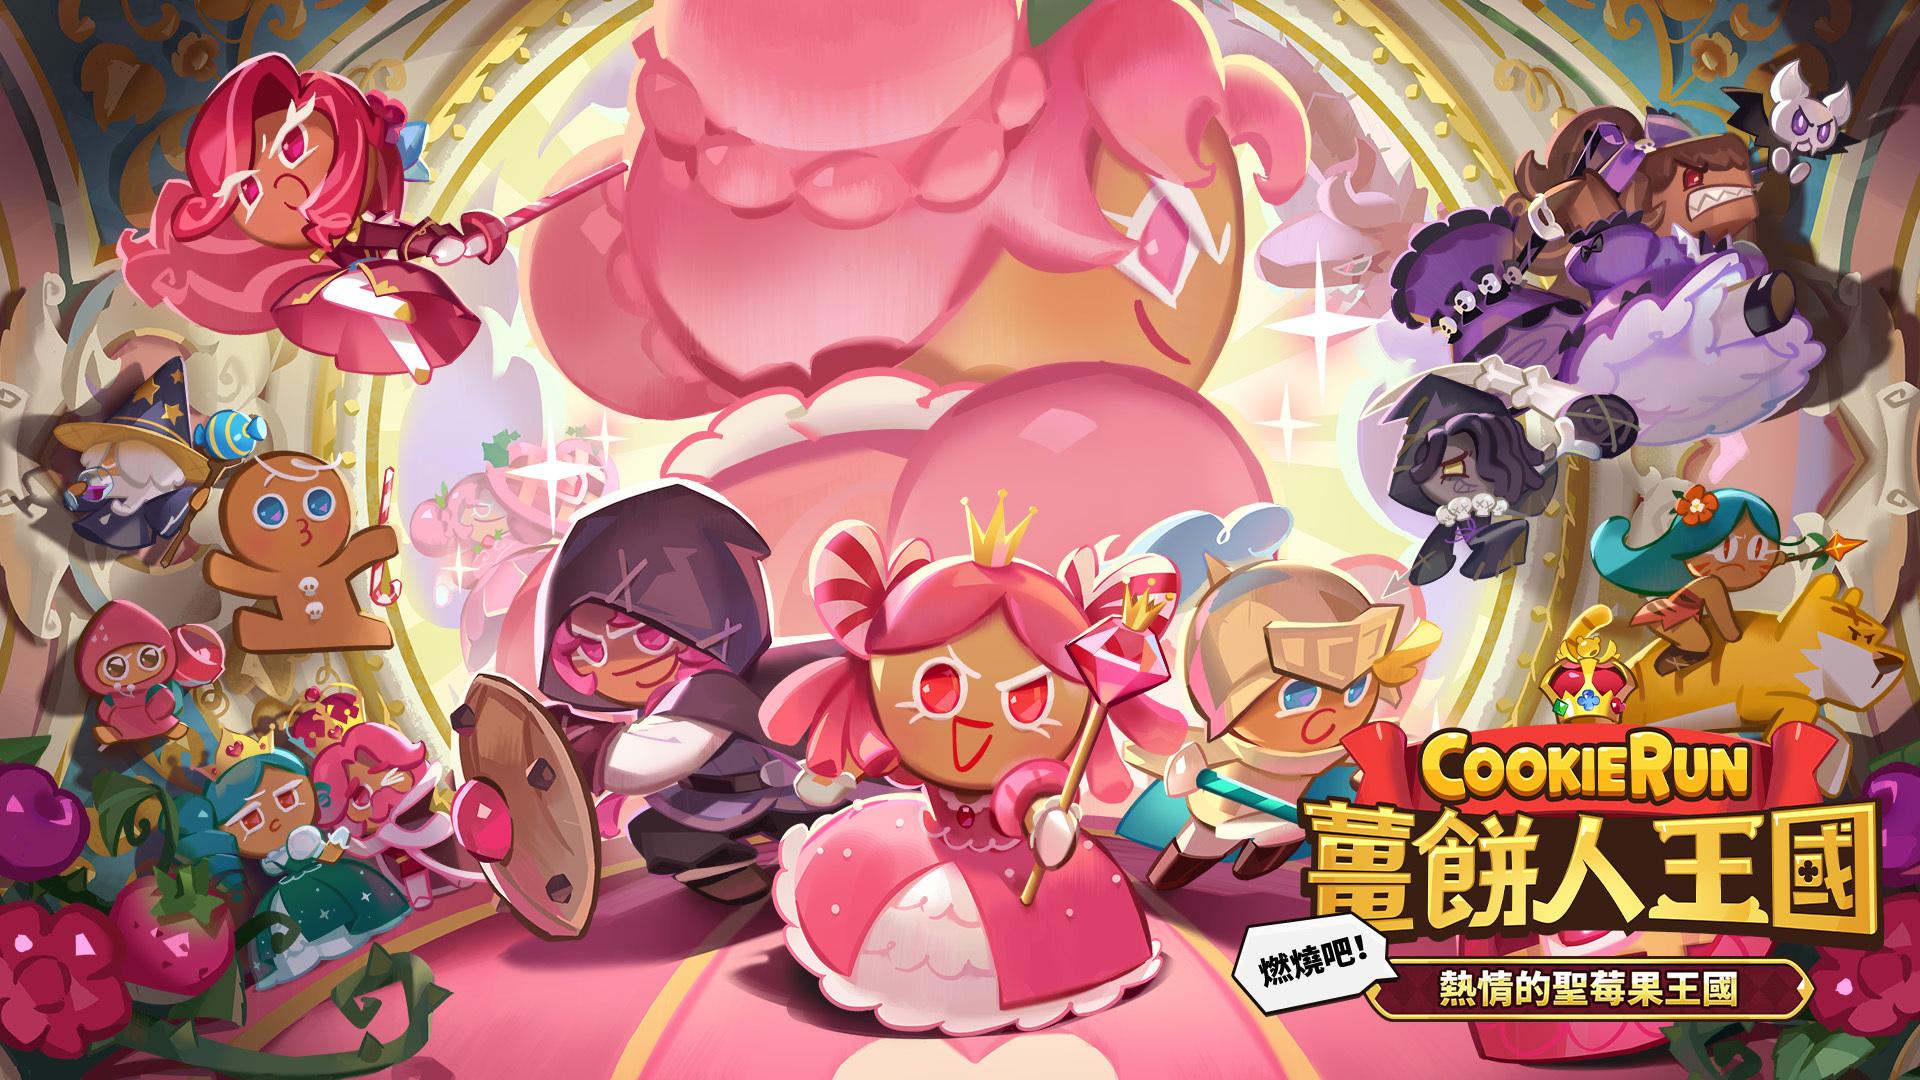 《薑餅人王國》熱情的聖莓果王國&CookieRun LINE貼圖重磅登場!